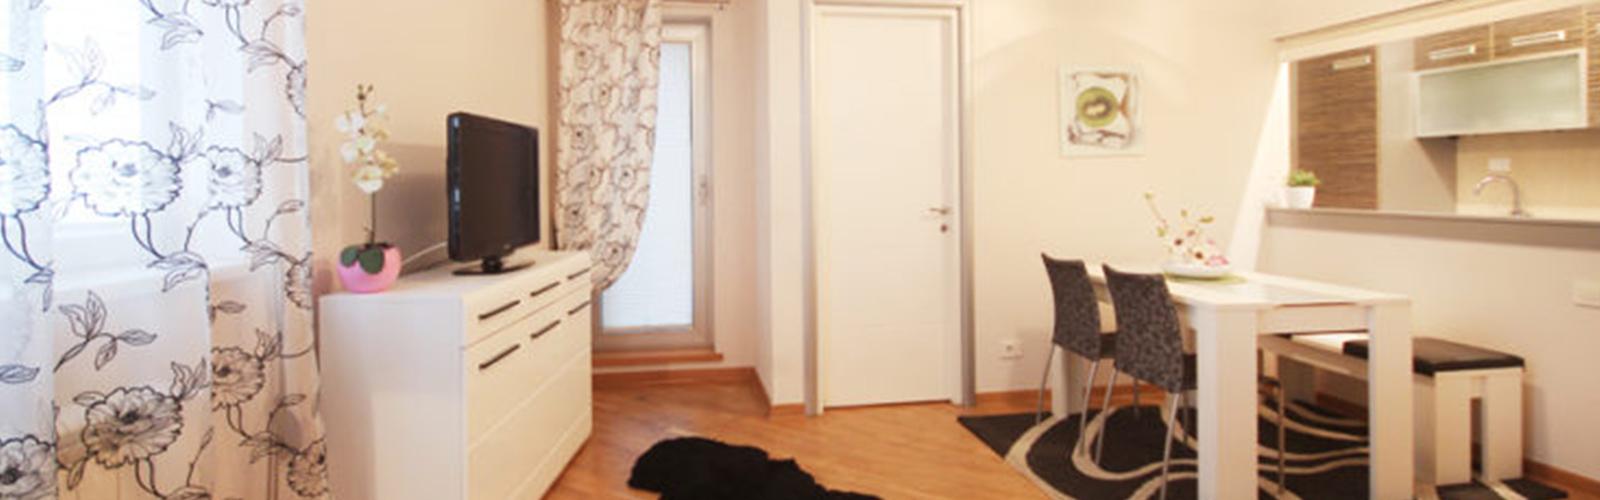 Concierge Belgrade | Apartman Delta Top 33